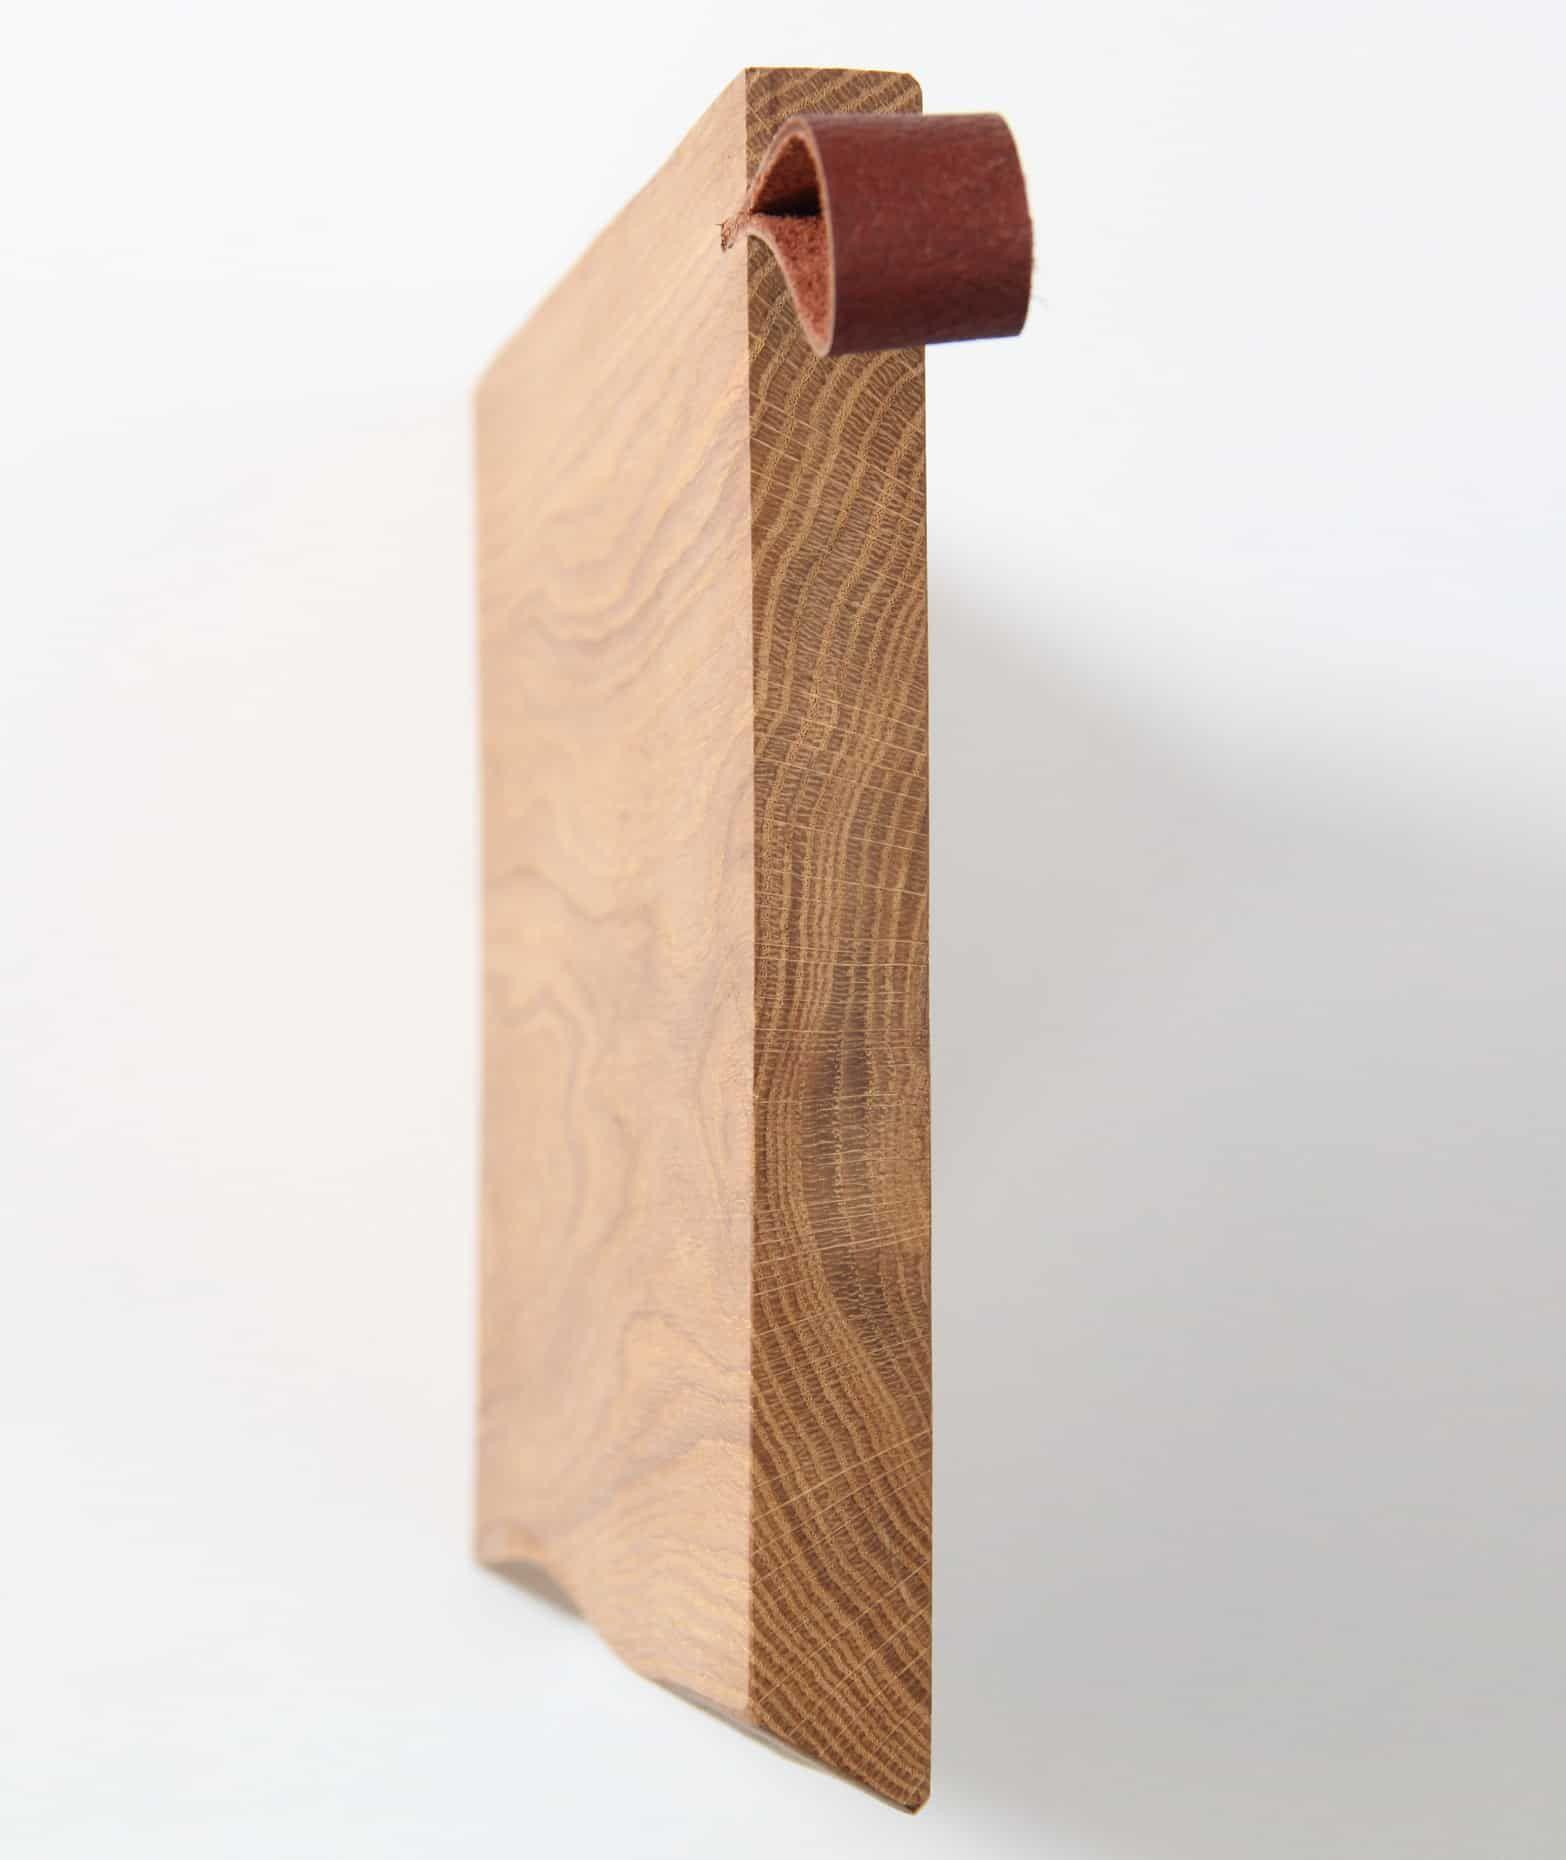 Épinglé Sur Objets Bois Design